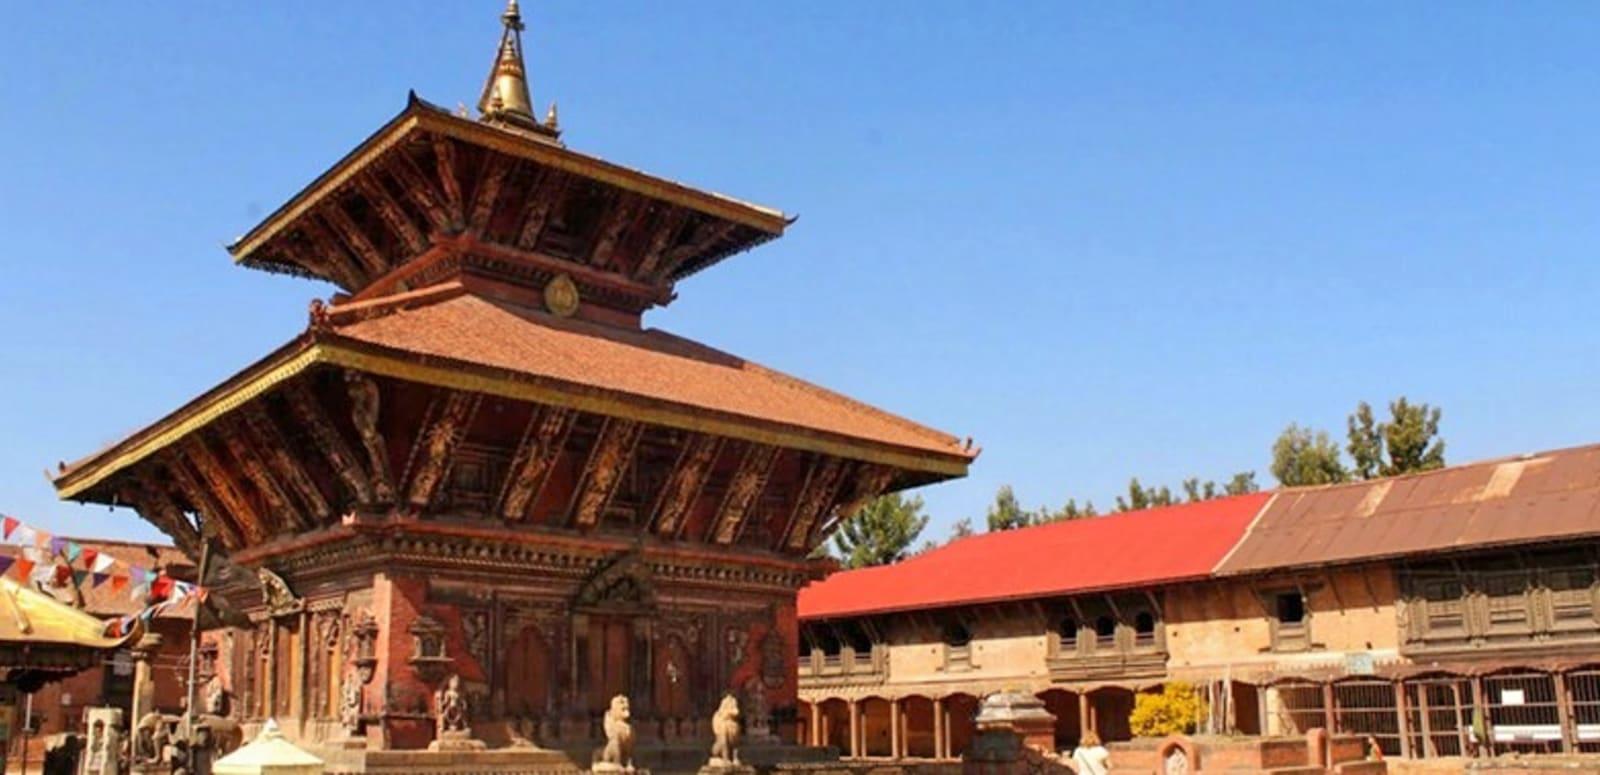 Unesco World Heritage site Changunarayan